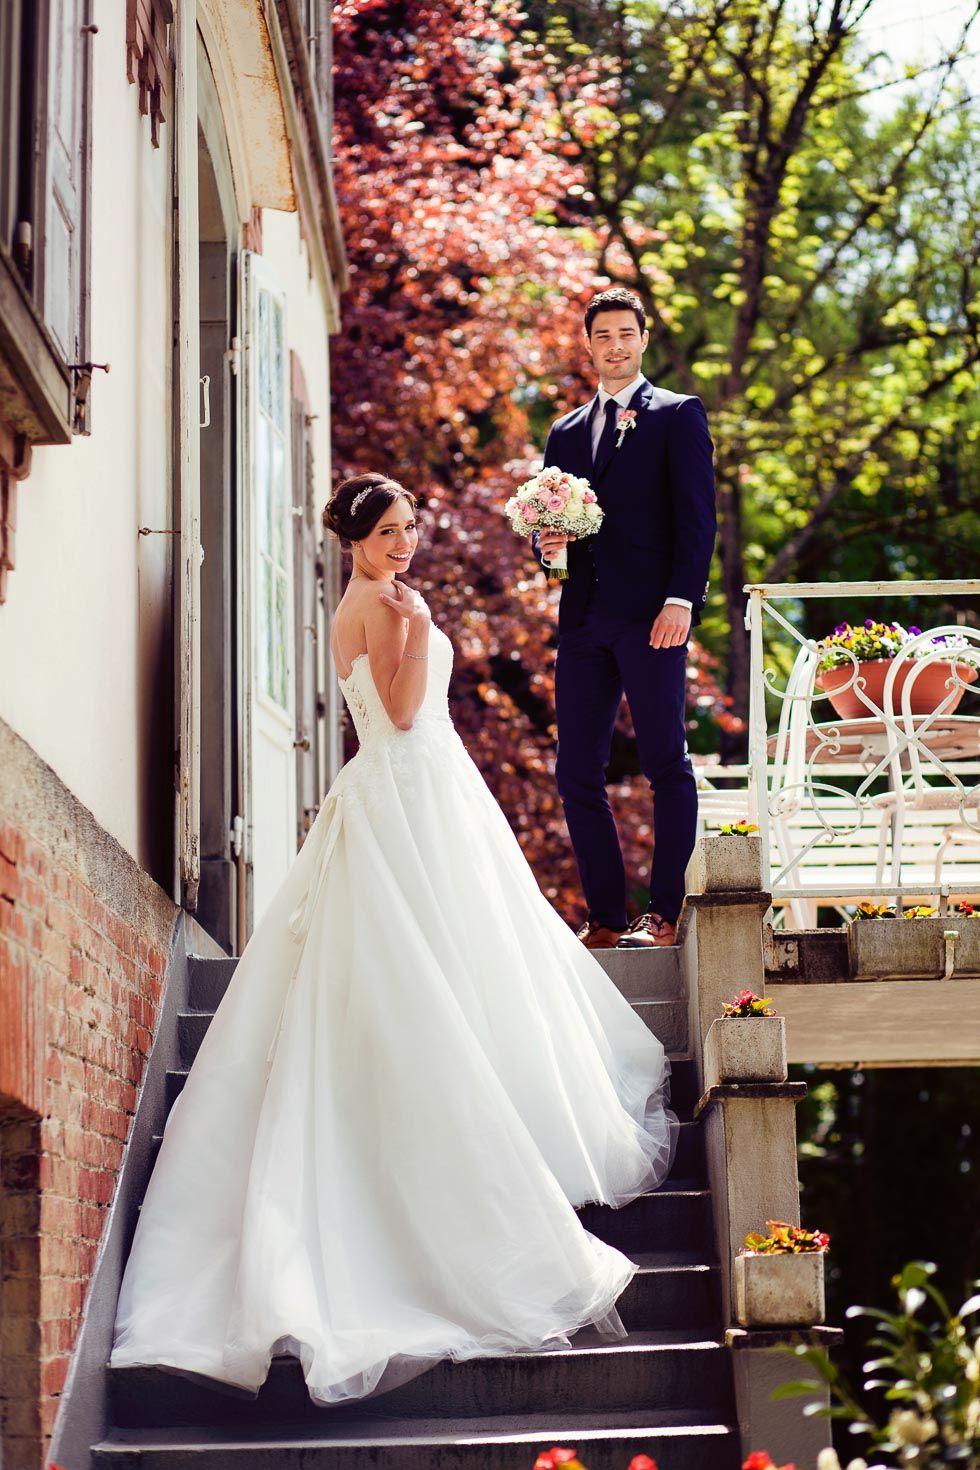 tipps und ideen f r eure m rchenhochzeit wedding hochzeit bilder fotos hochzeit. Black Bedroom Furniture Sets. Home Design Ideas